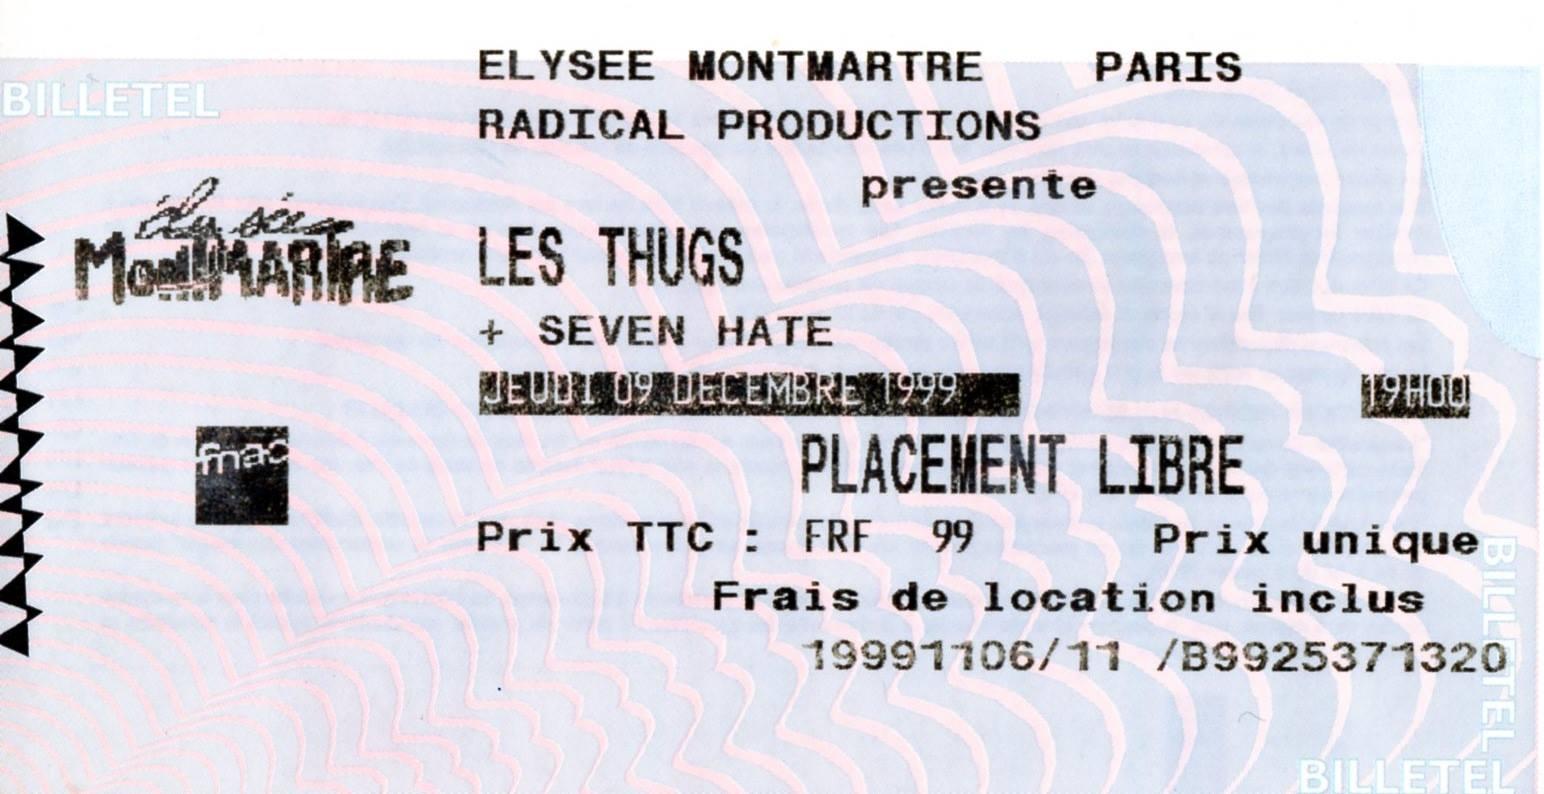 """9 décembre 1999 Seven Hate, les Thugs à Paris """"Elysée Montmartre"""""""